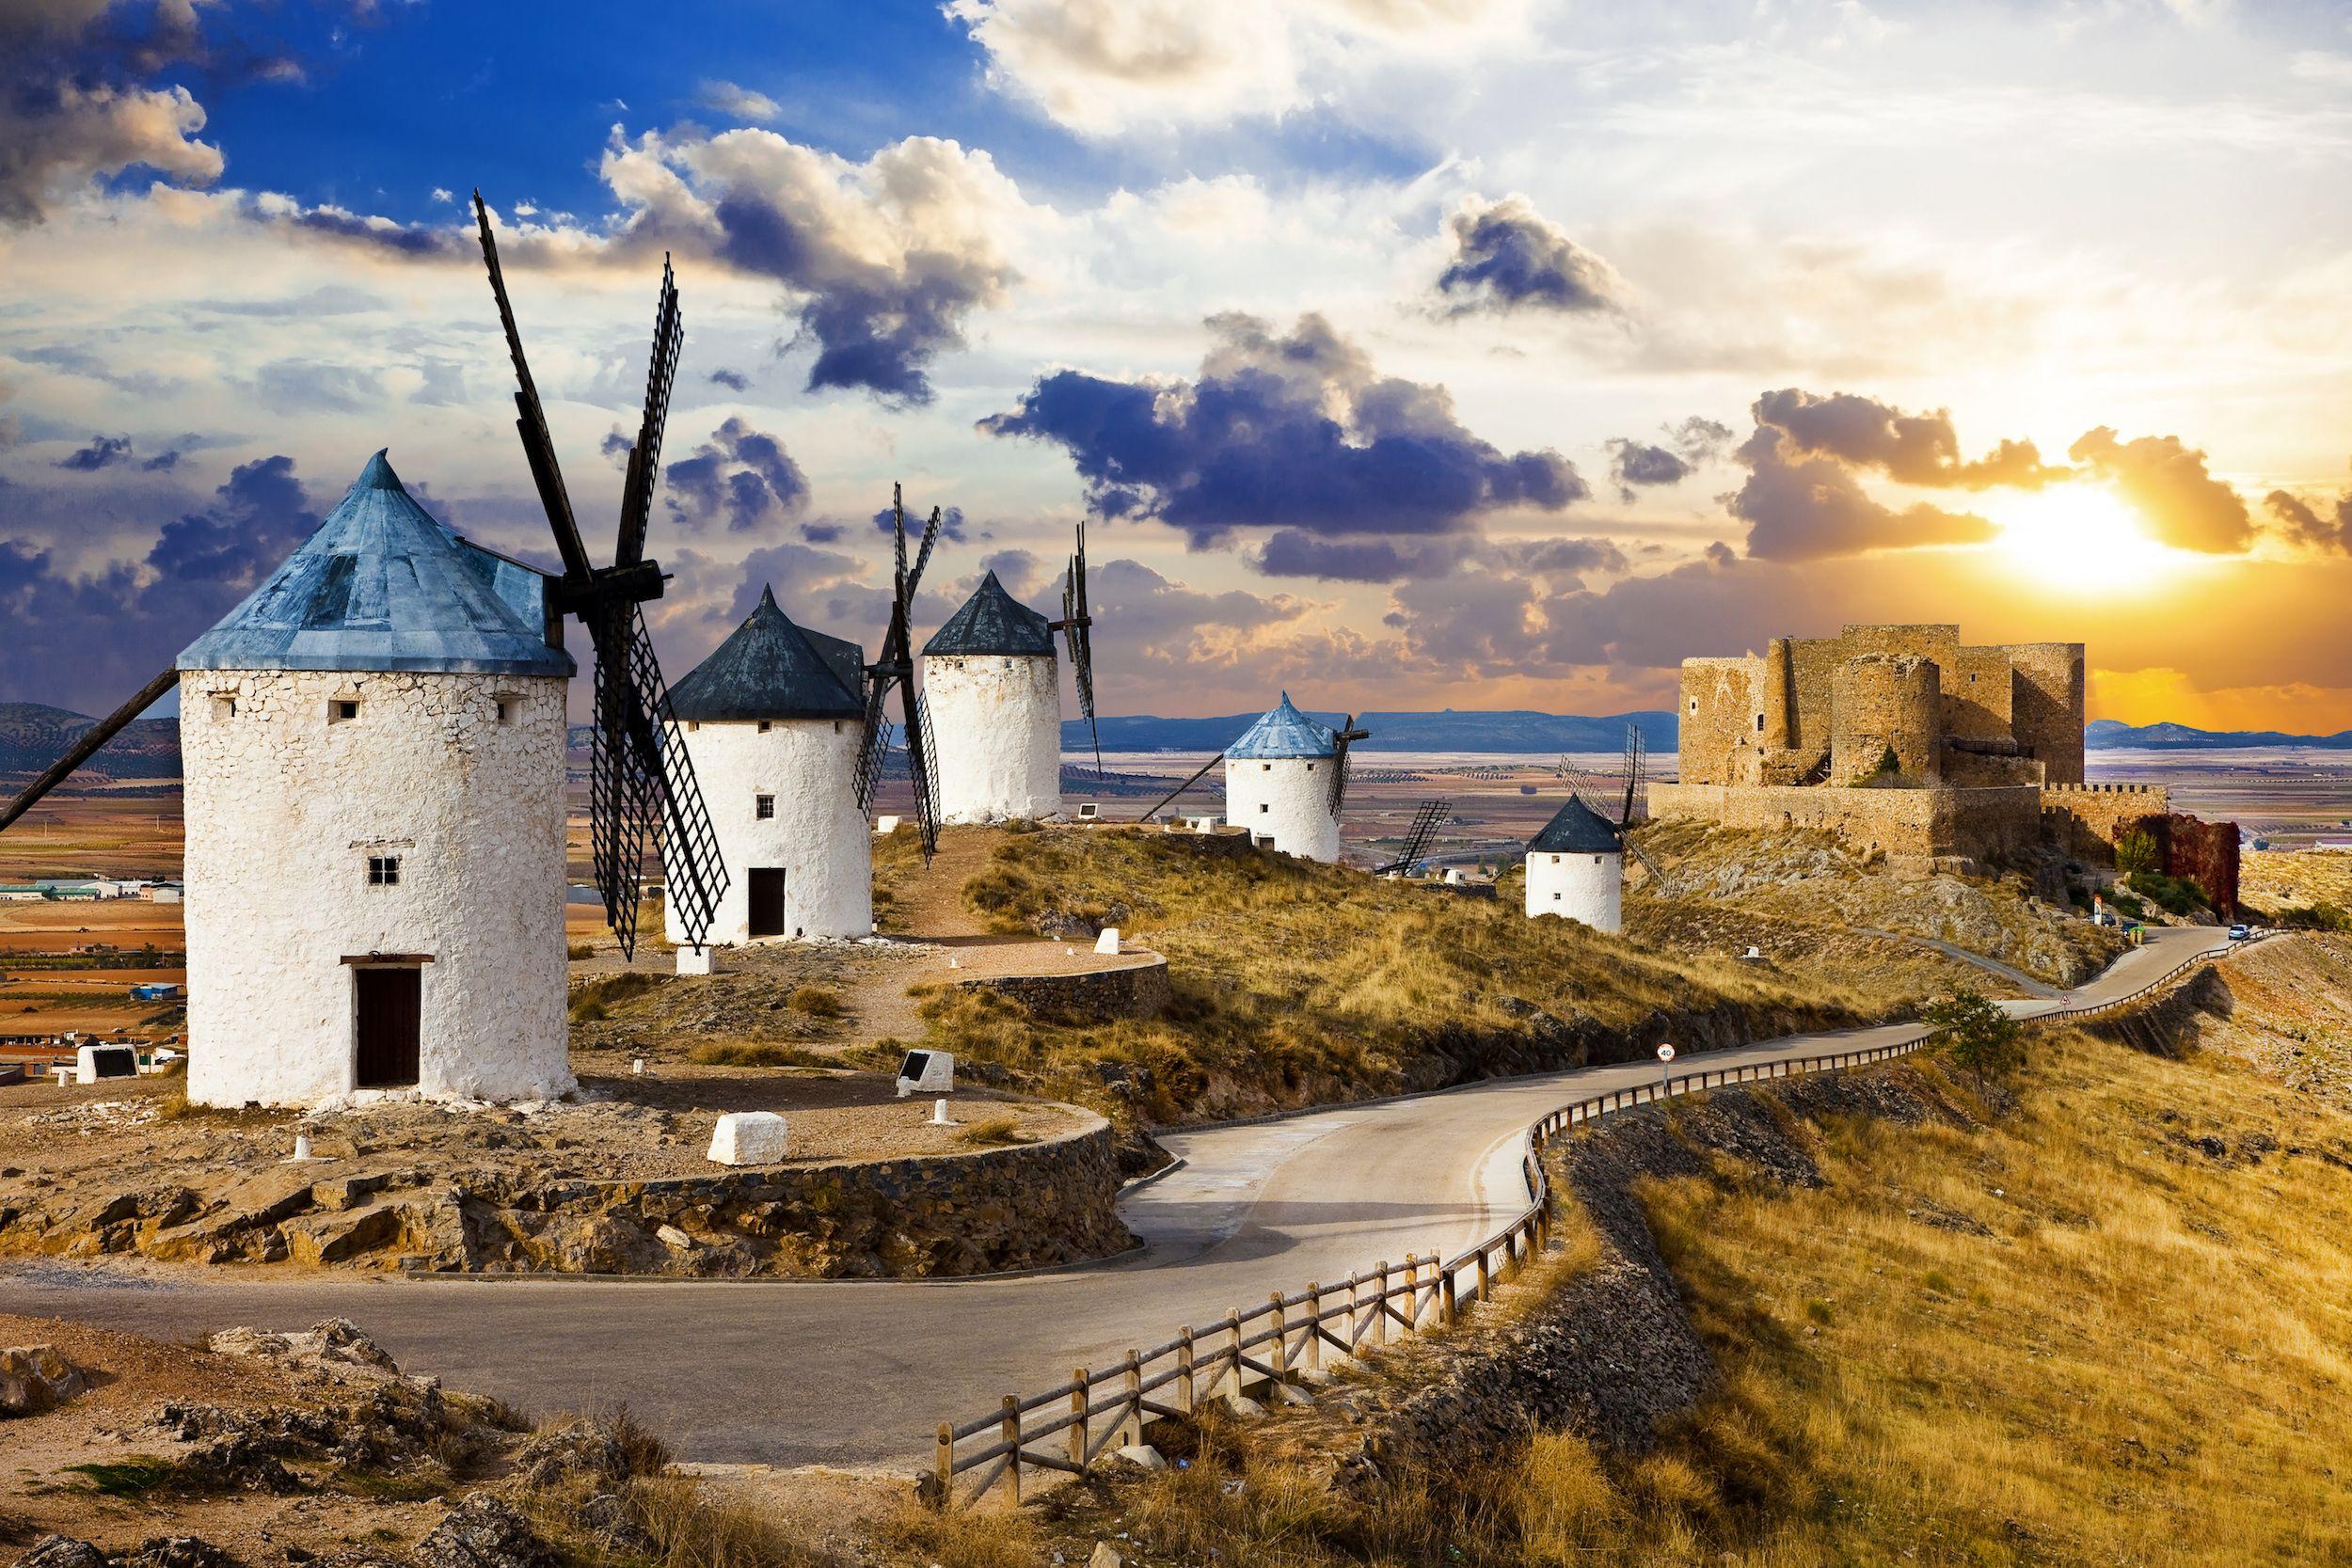 La Spagna di Don Chisciotte: itinerario in 11 tappe nella Castiglia-La Mancia